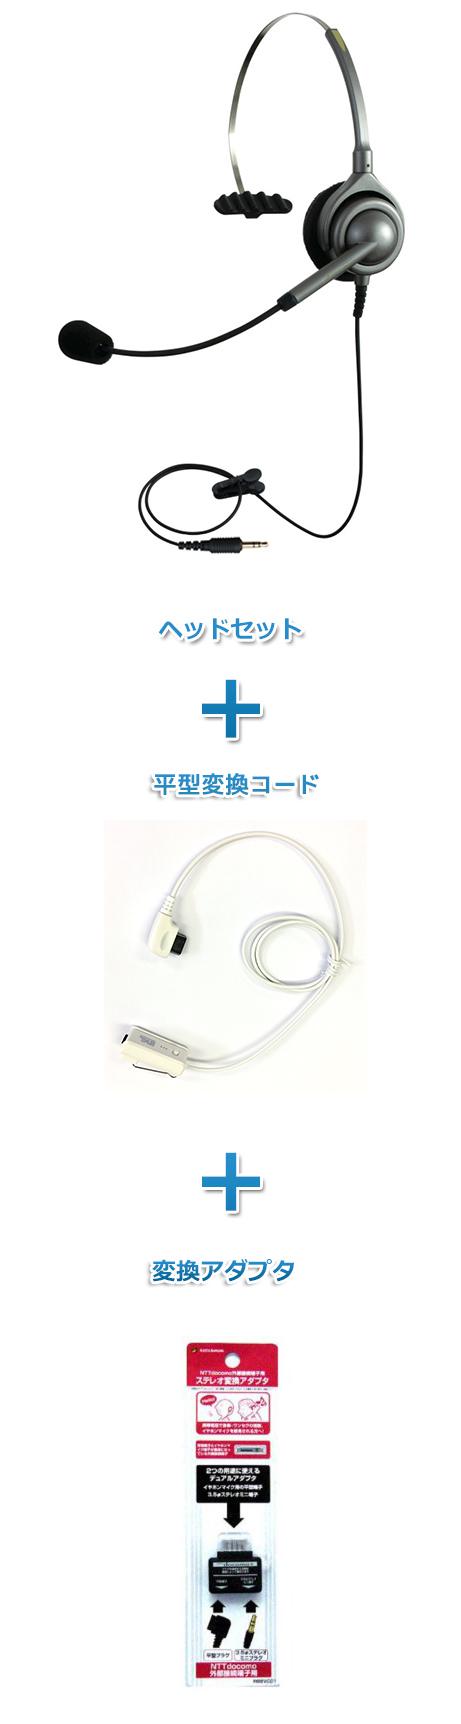 【送料無料】エンタープライズ製(日本製) ヘッドセット【特定PHS電話機用 外部接続端子接続】(ヘッドセット「EN-M」と平型コード「PH02」と外部接続端子への変換アダプタ「RB8VC01」のセット商品 )